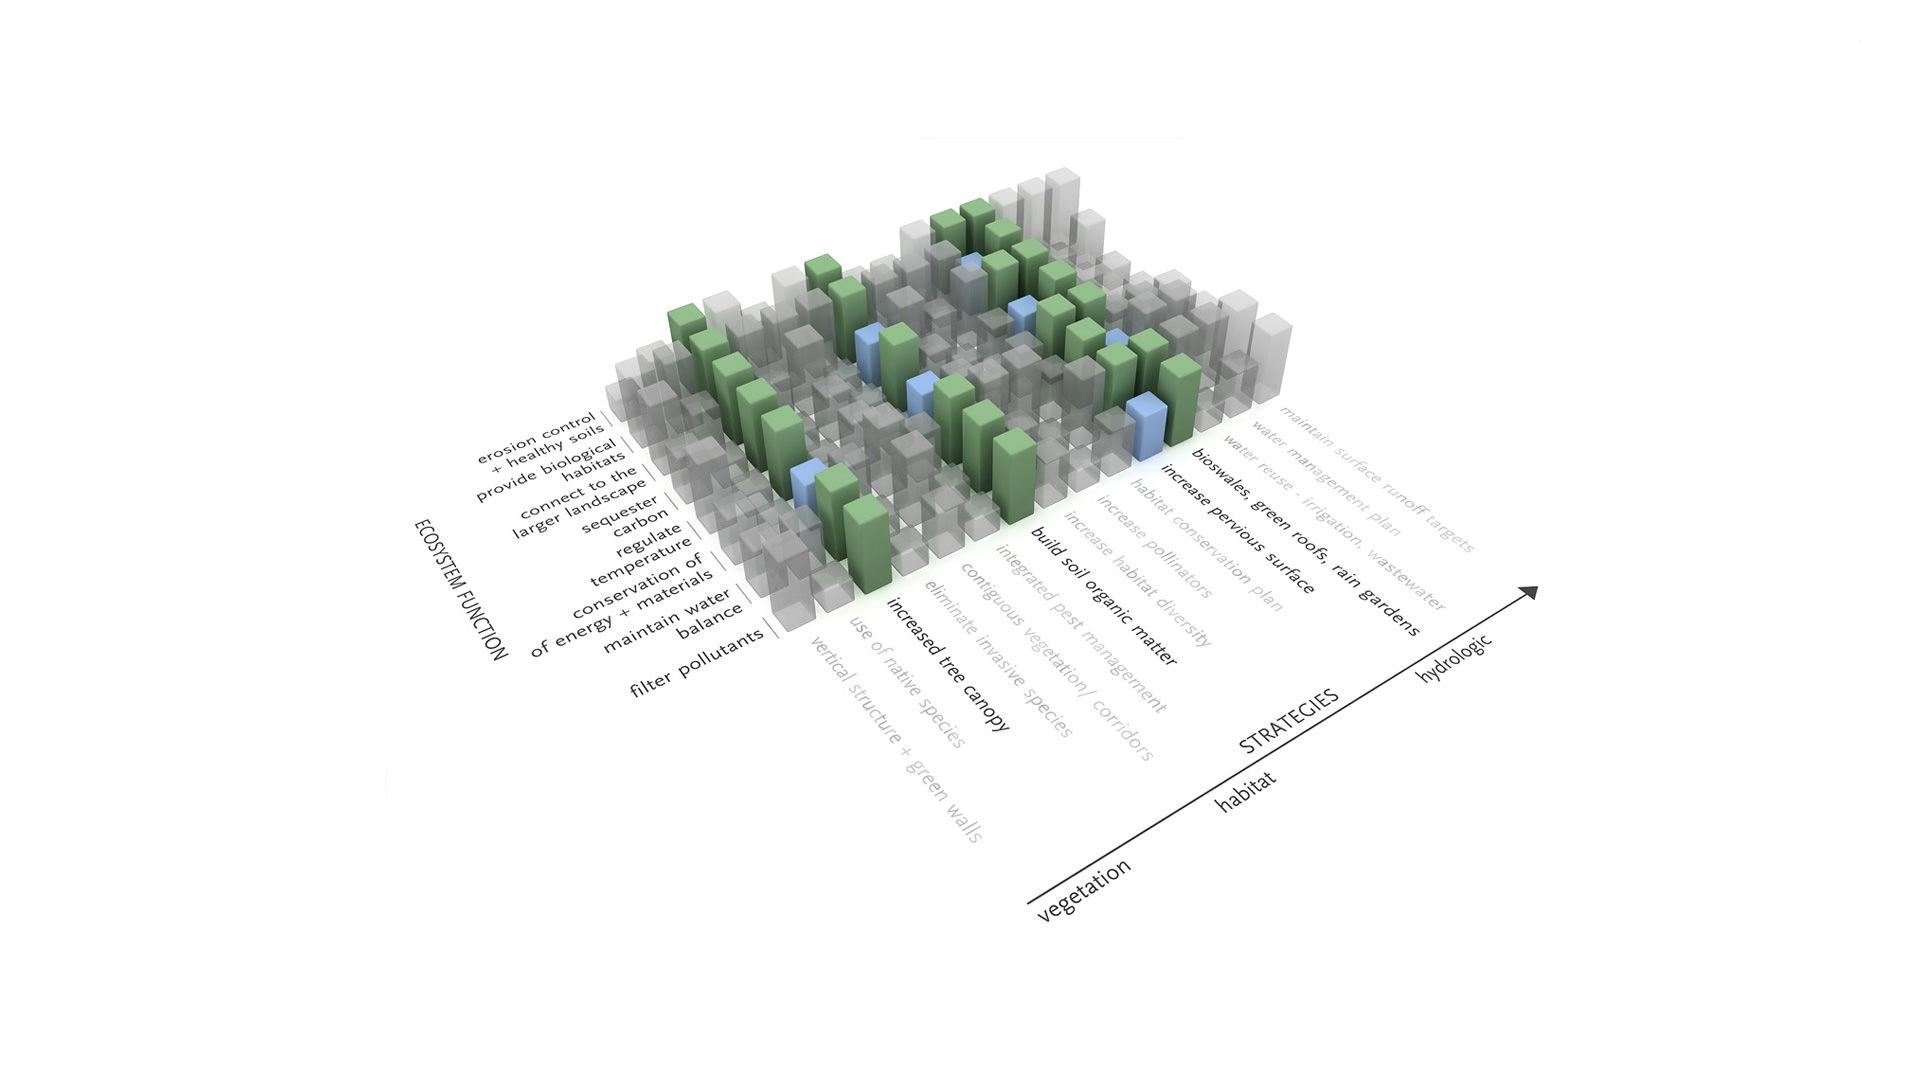 Seattle University Sustainable Master Plan